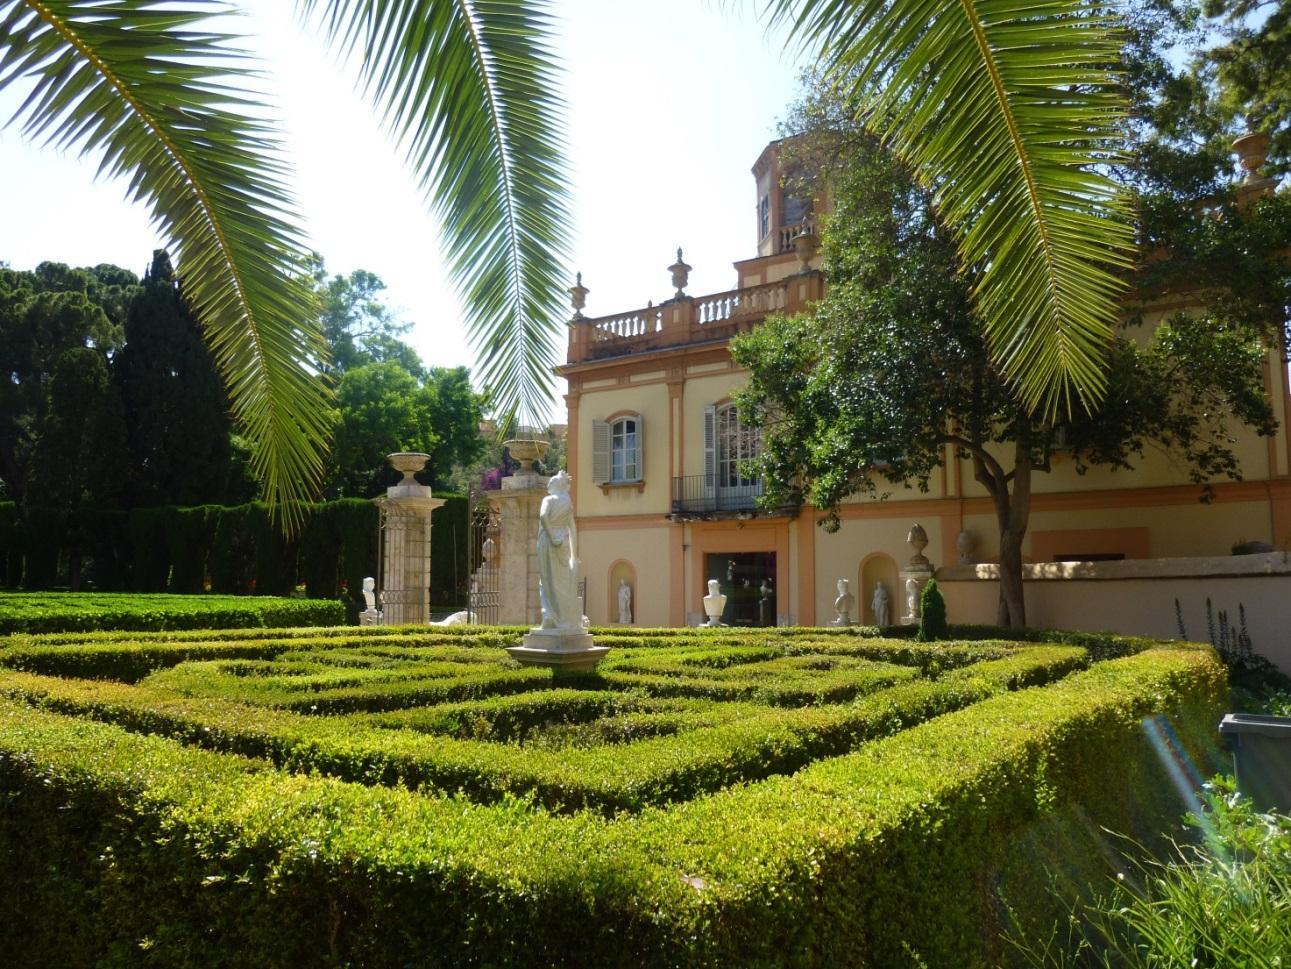 C:\Users\Gonzalo\Desktop\Nova Dimensio\Ver la ciudad\Jardín de Monforte\P1040407.JPG